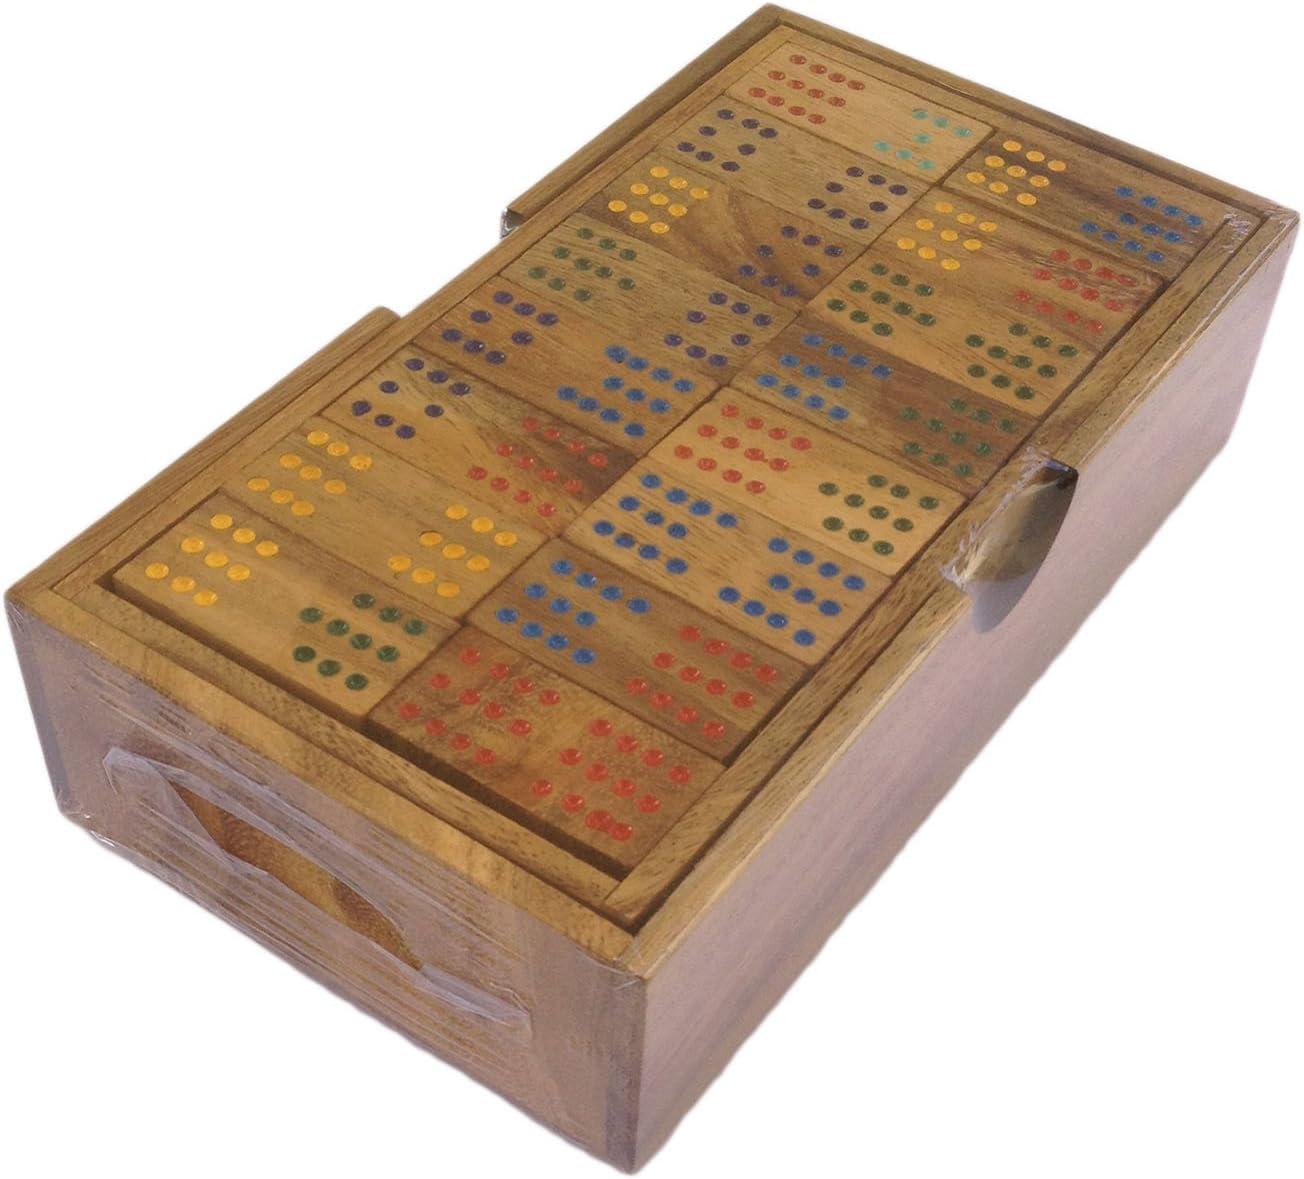 ダブル12カラードット木製Dominoes – 96個ボックスセットハンドメイド大きなサイズ